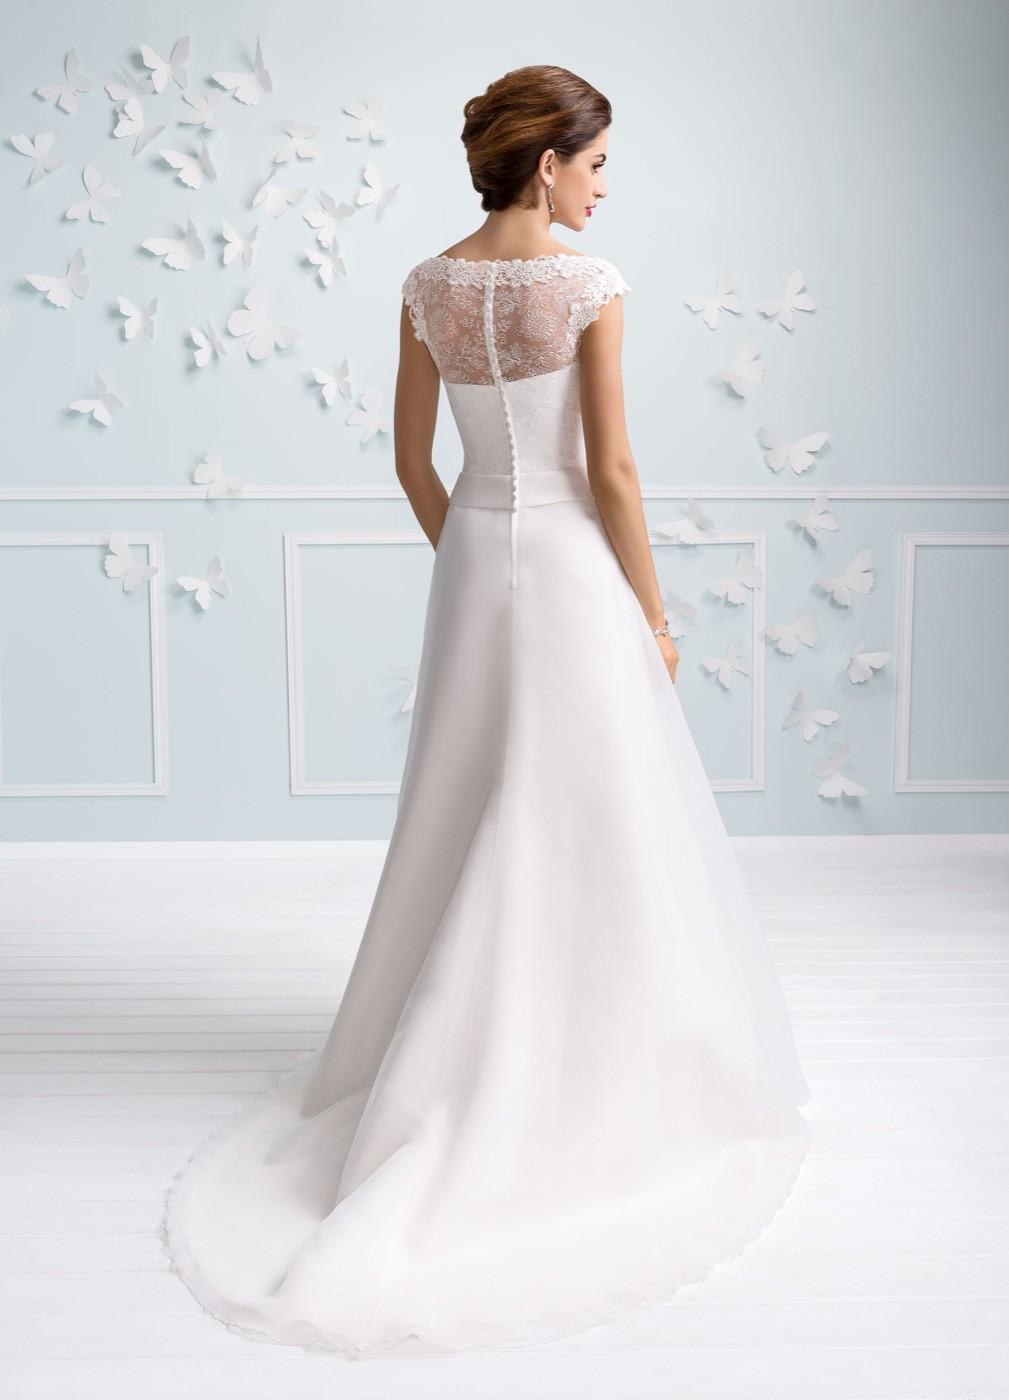 2d9fdfb98880 Abiti Da Sposa Su Misura ~ Praga vendita online abiti da sposa su misura  sposatelier